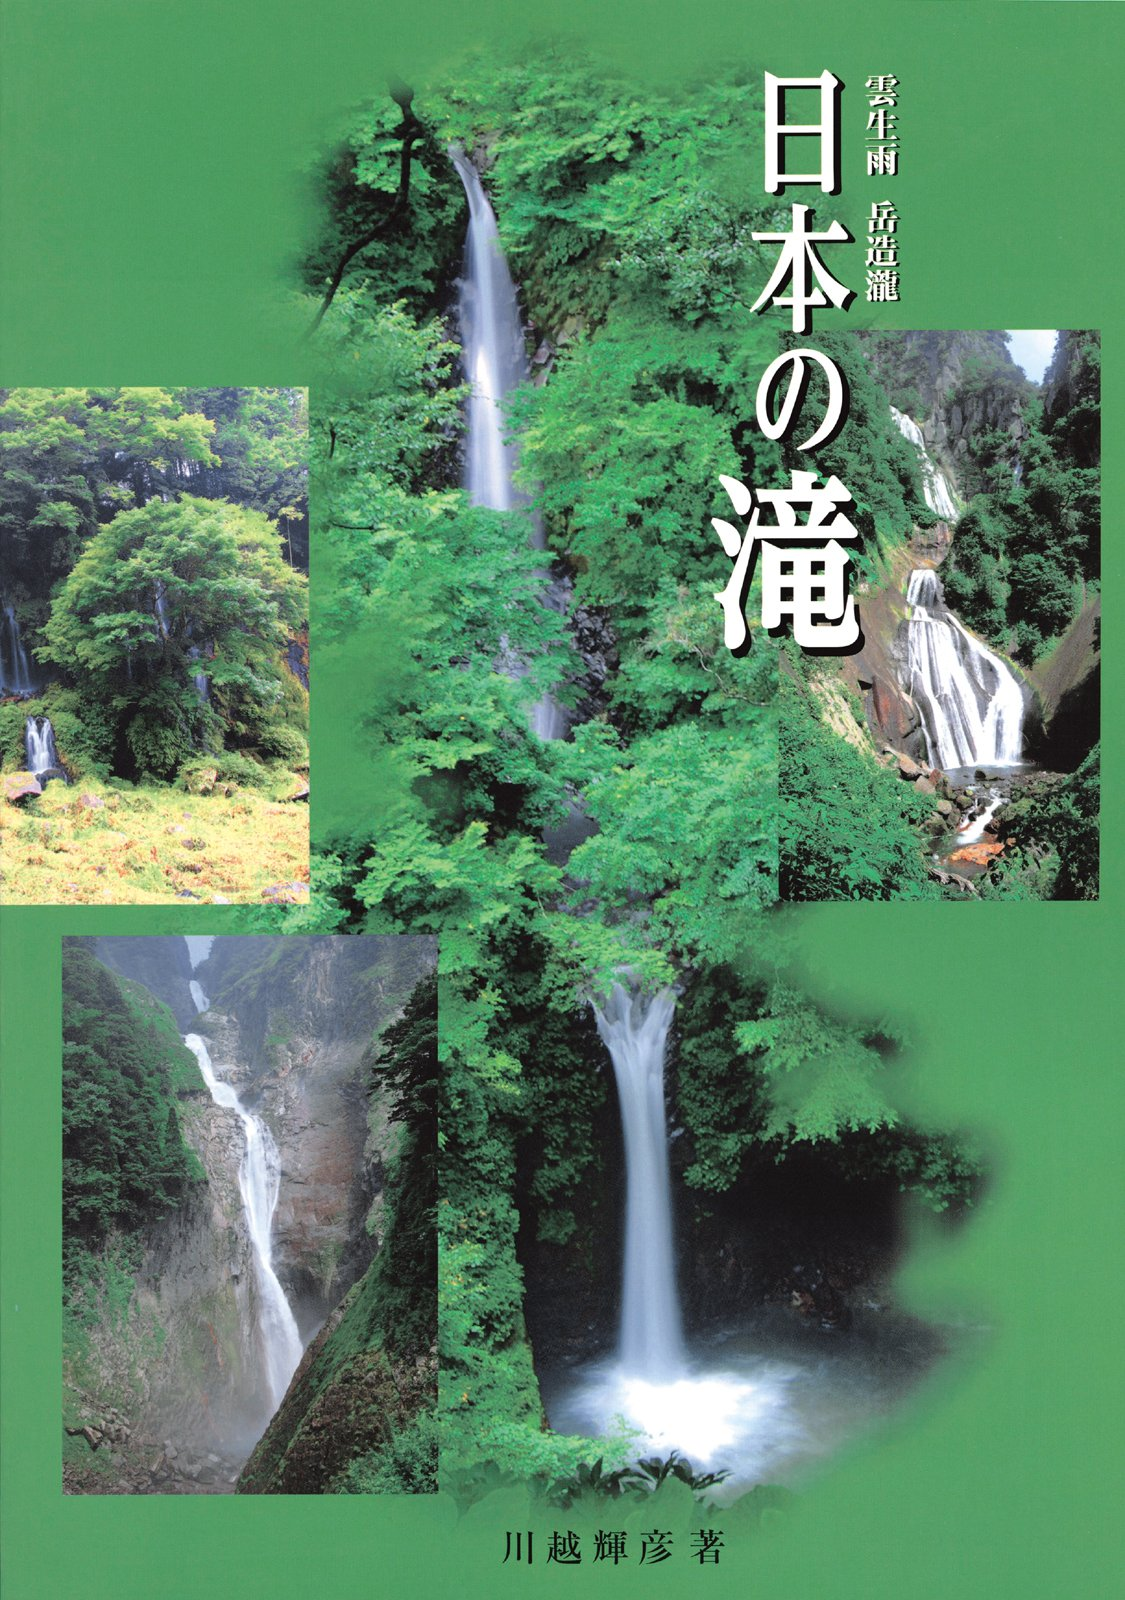 Download Nihon no taki : Wakimizu seishin ni shite kyō ni izu : Unseiu gakuzōrō PDF